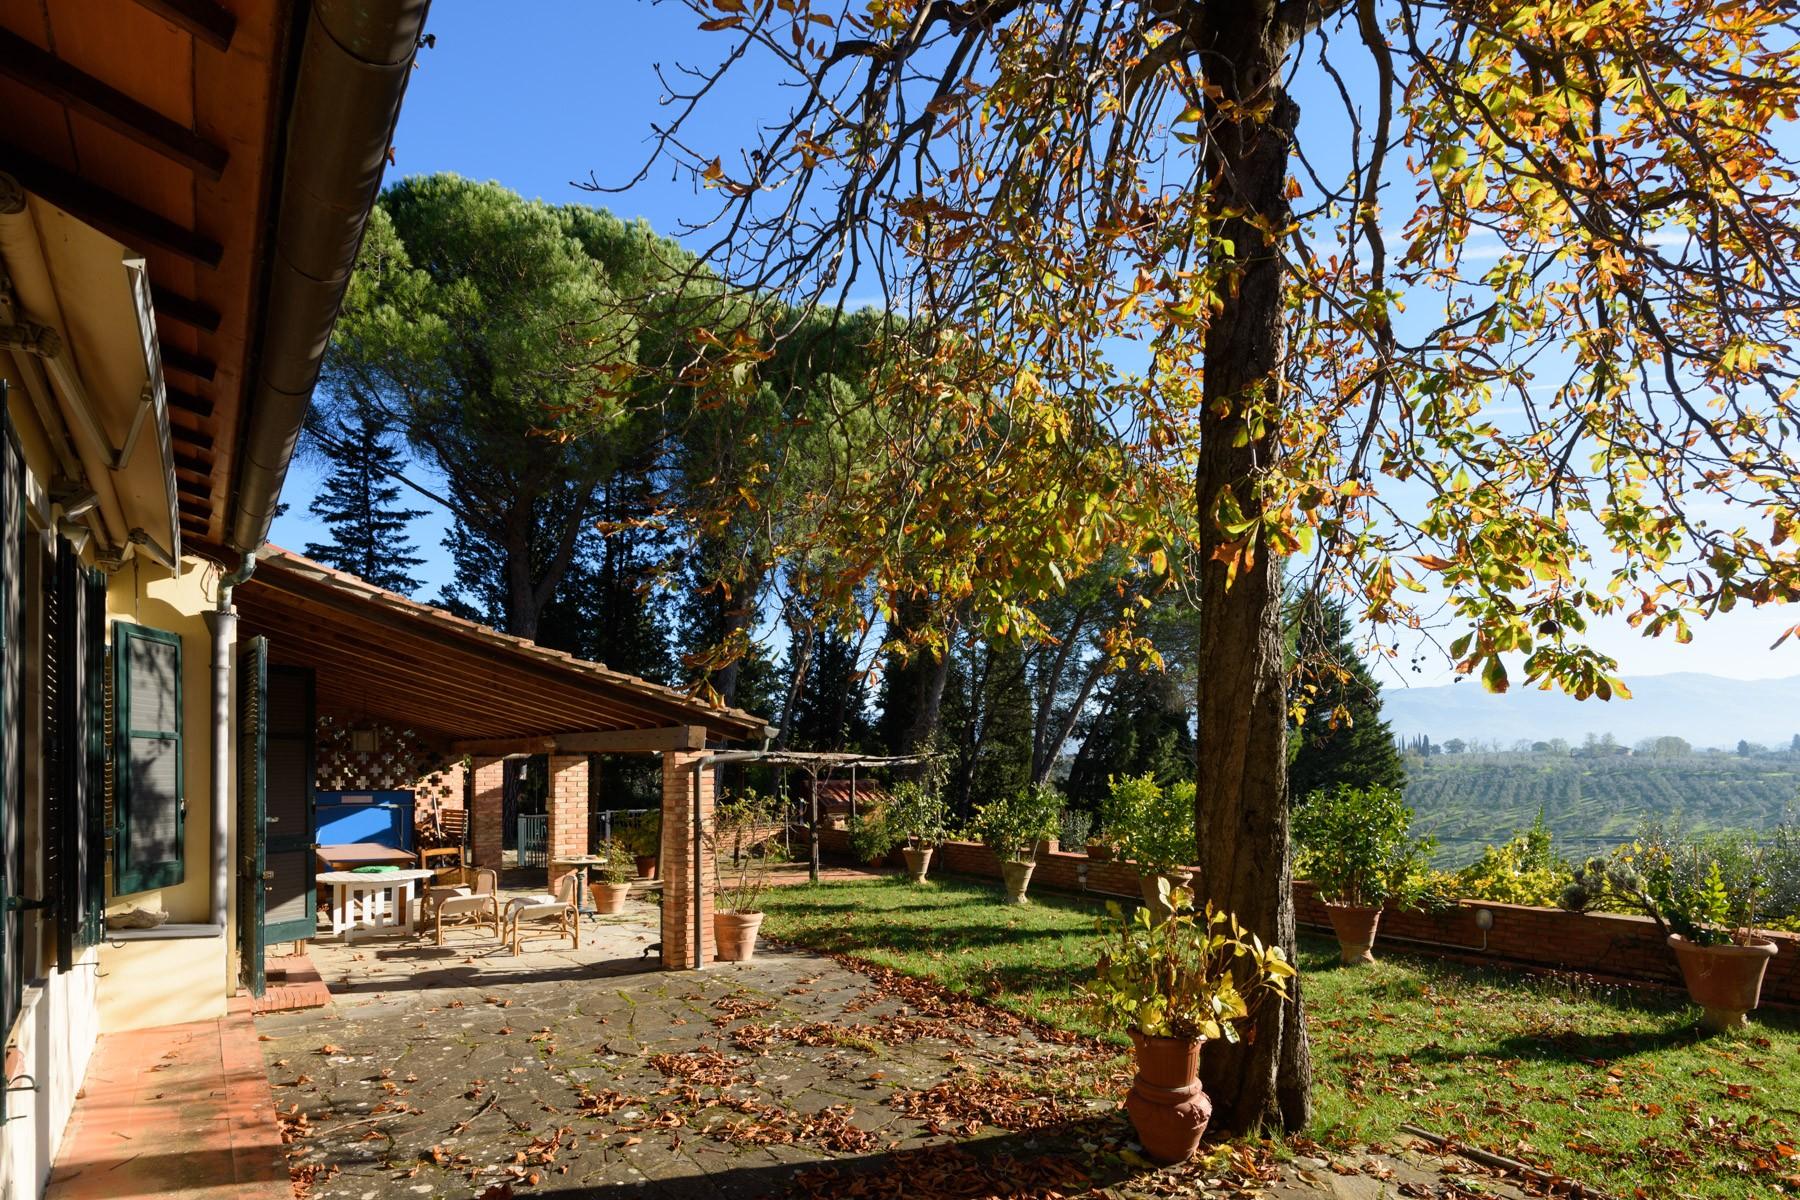 Casa indipendente in Vendita a Greve In Chianti: 5 locali, 350 mq